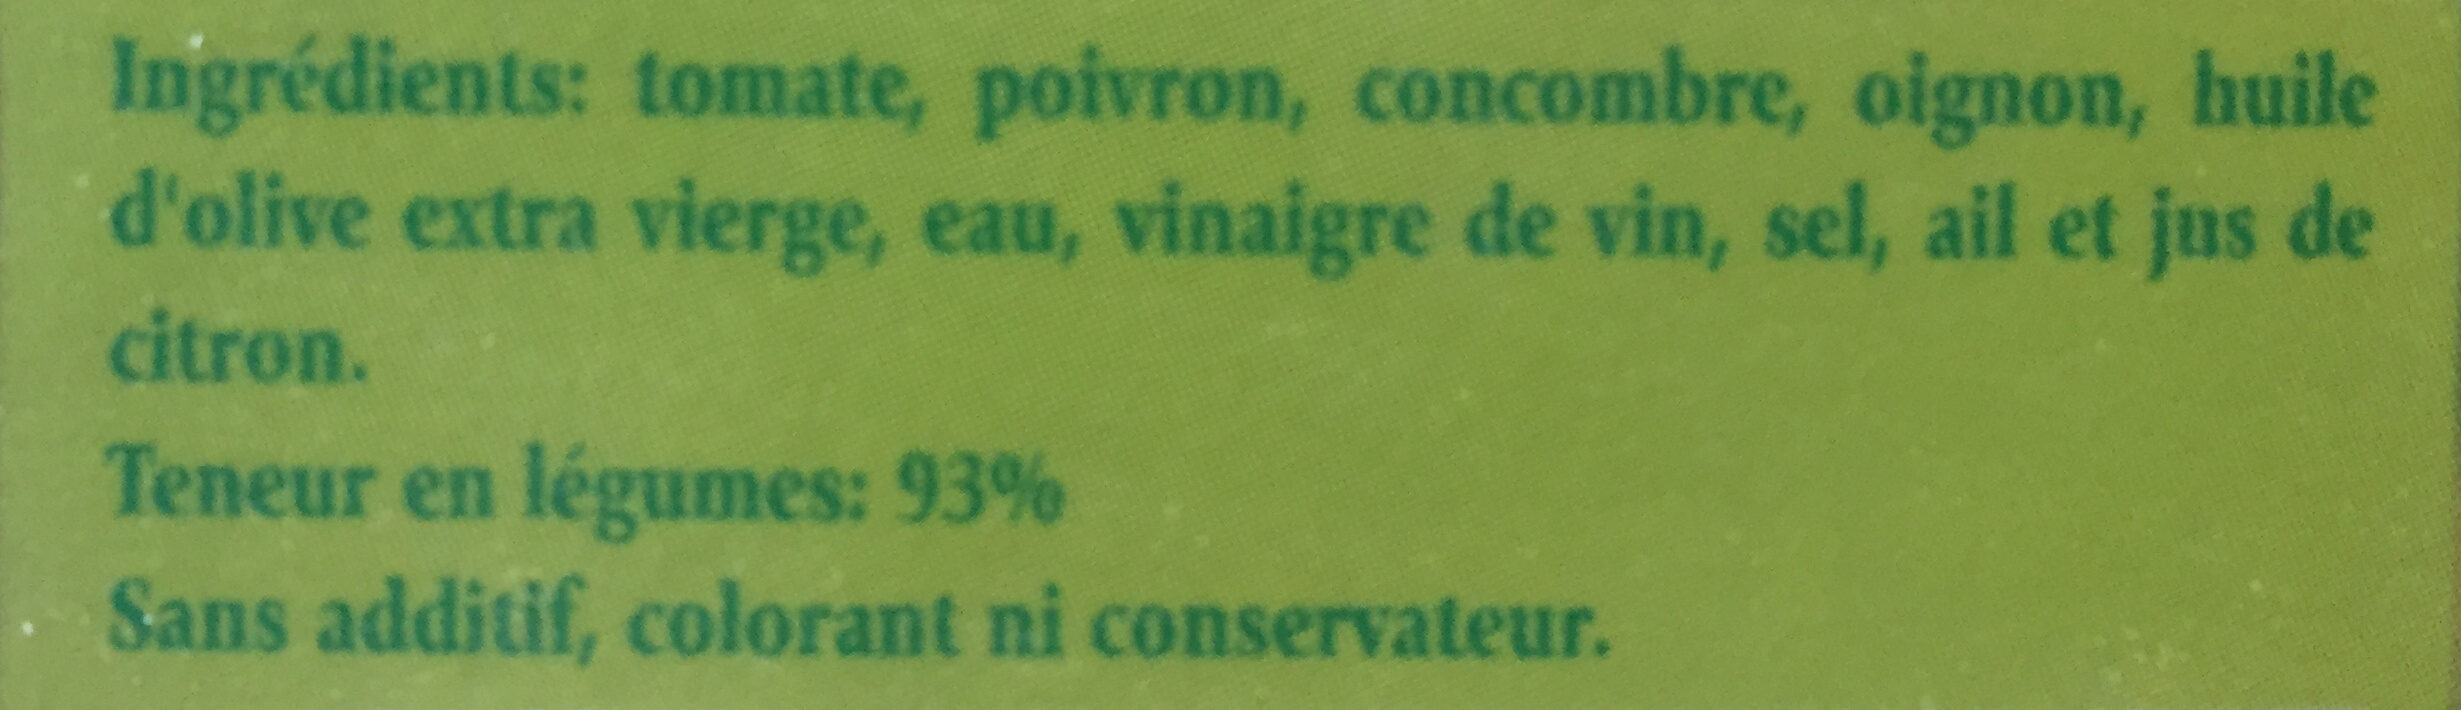 Gazpacho - Ingredients - en